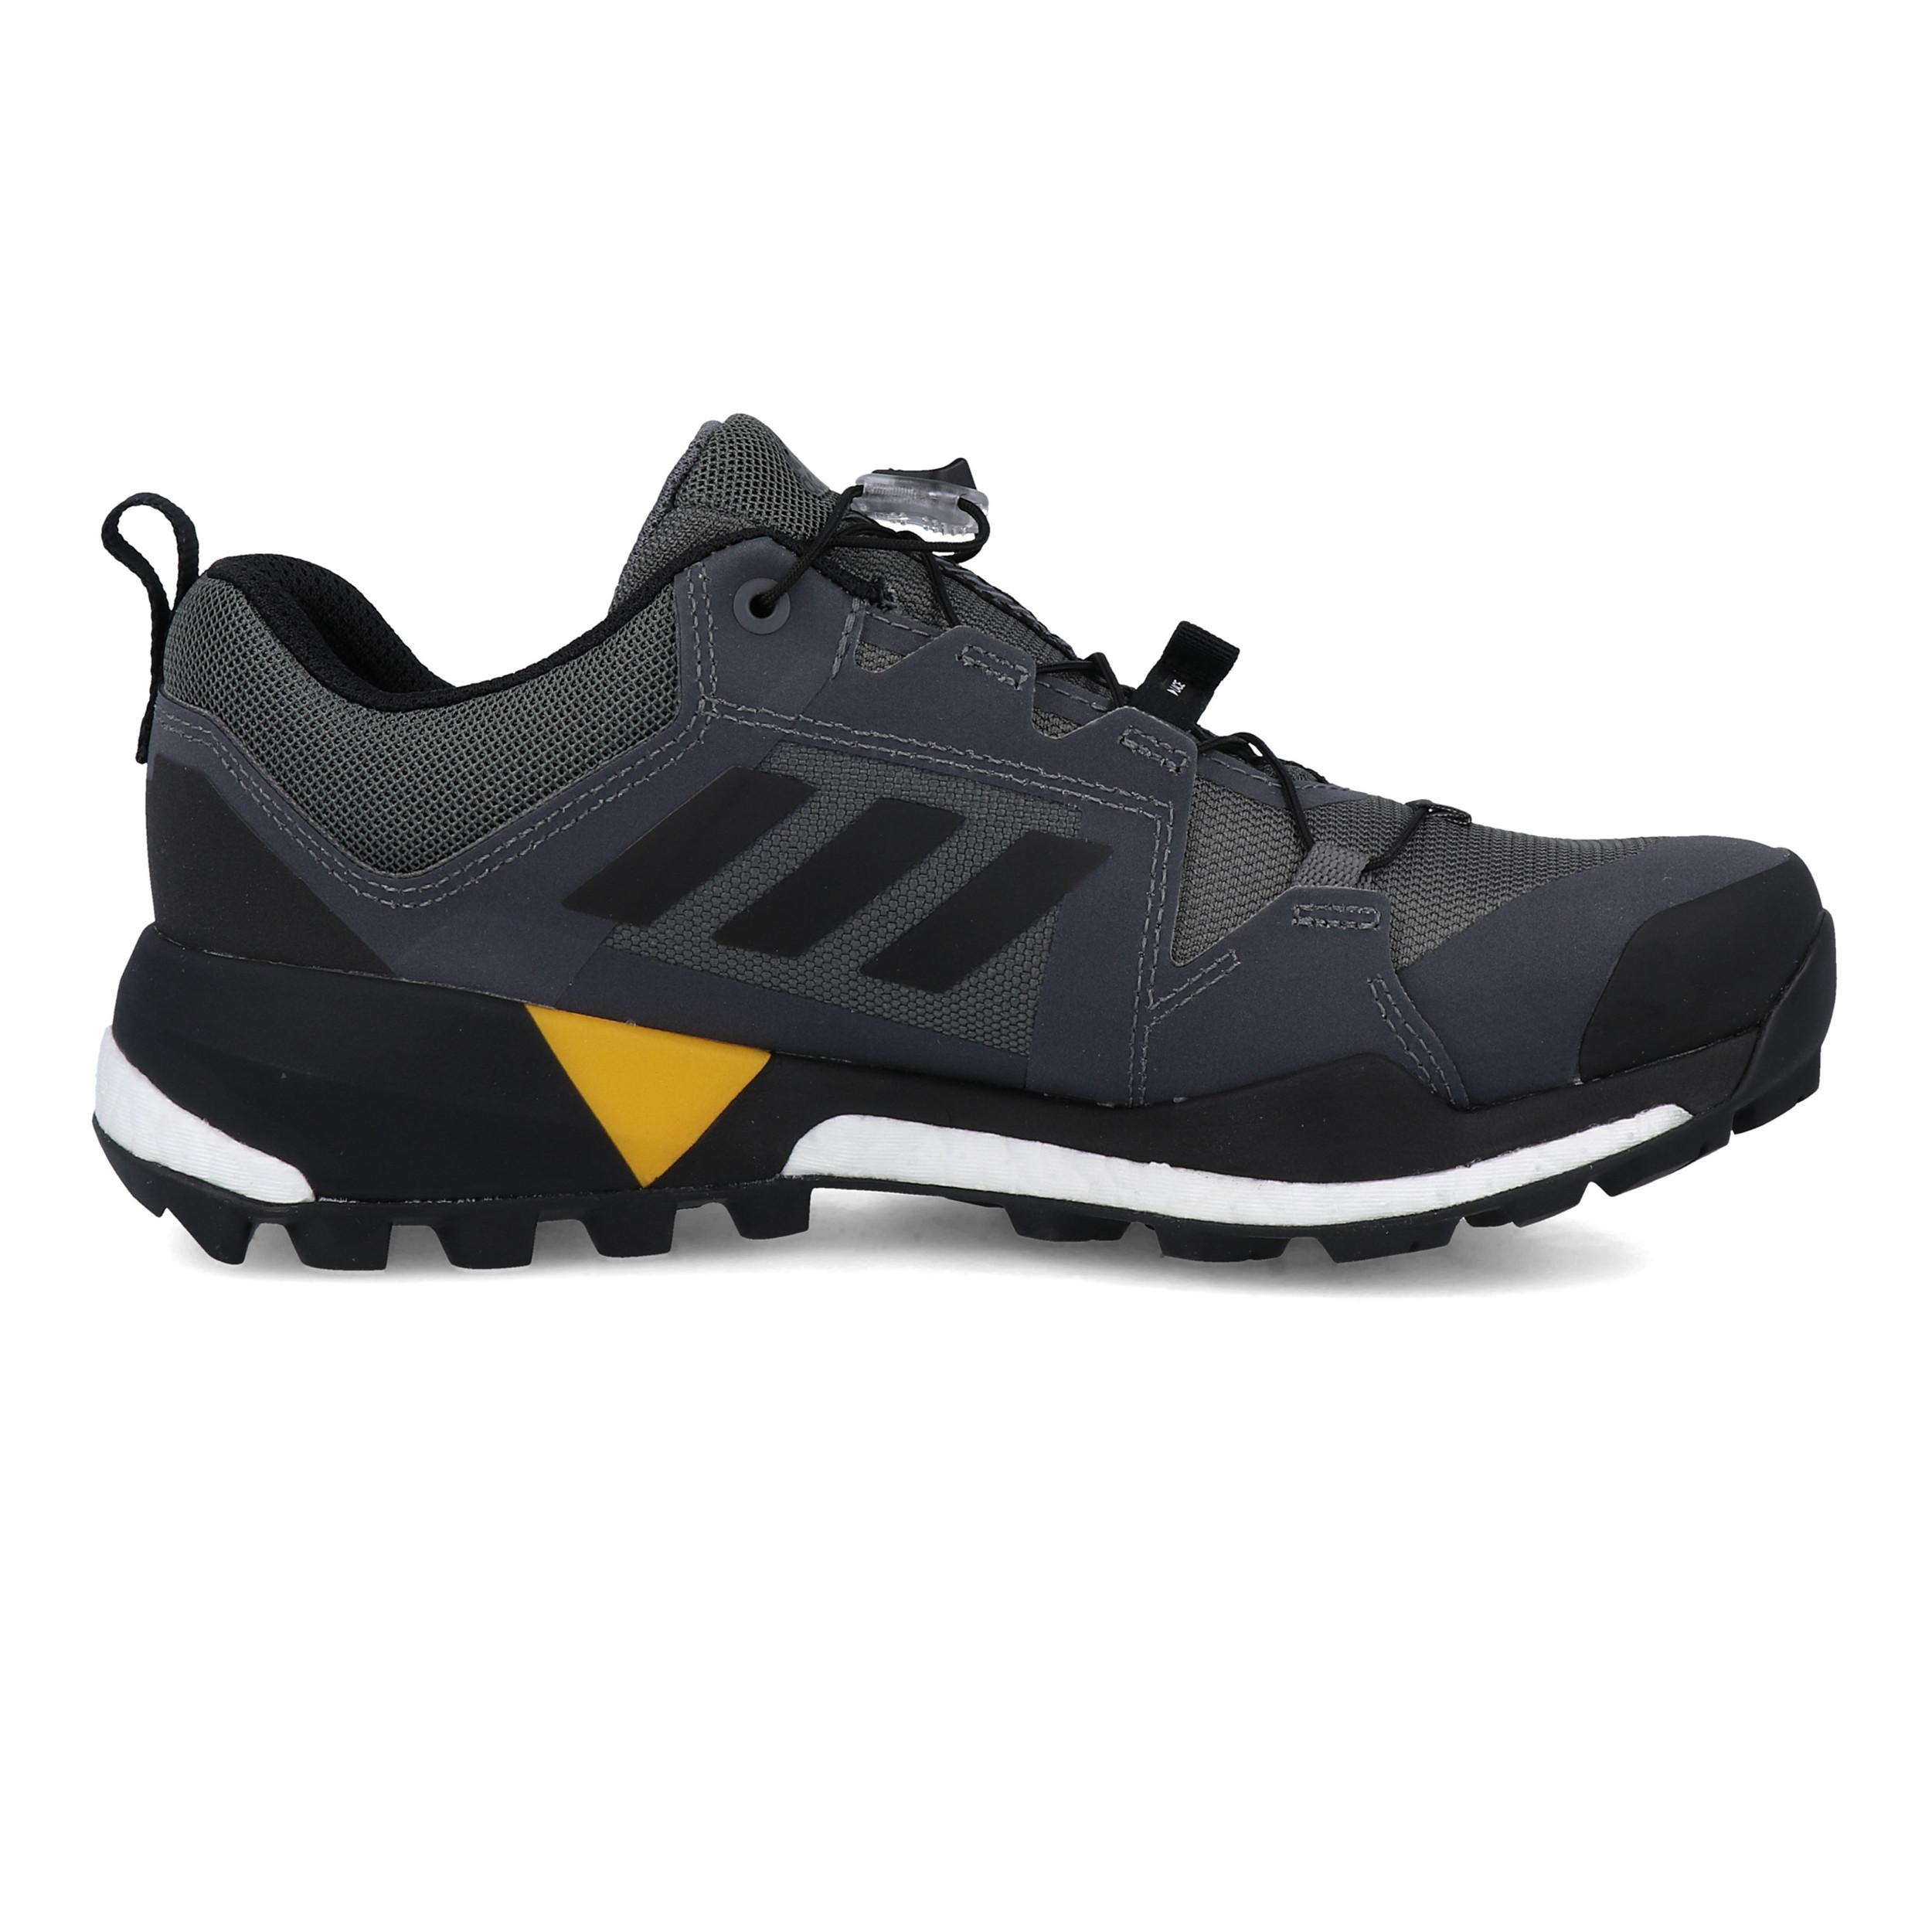 Détails sur Adidas Homme Terrex Skychaser XT GORE TEX Trail Running Baskets Chaussures afficher le titre d'origine